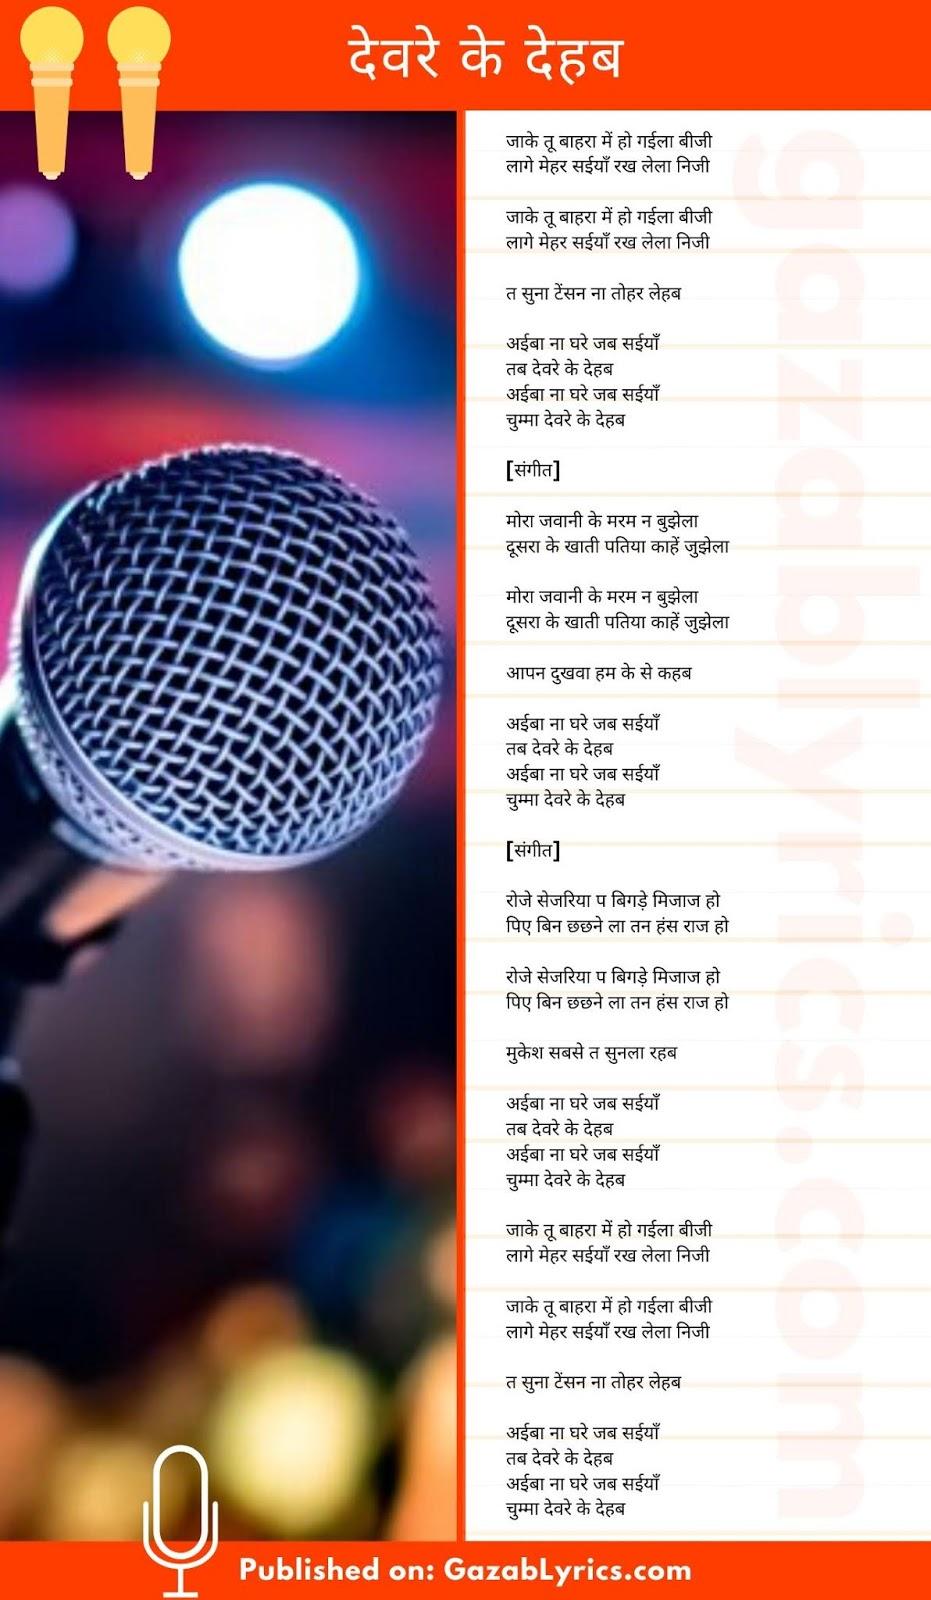 Devre Ke Dehab song lyrics image